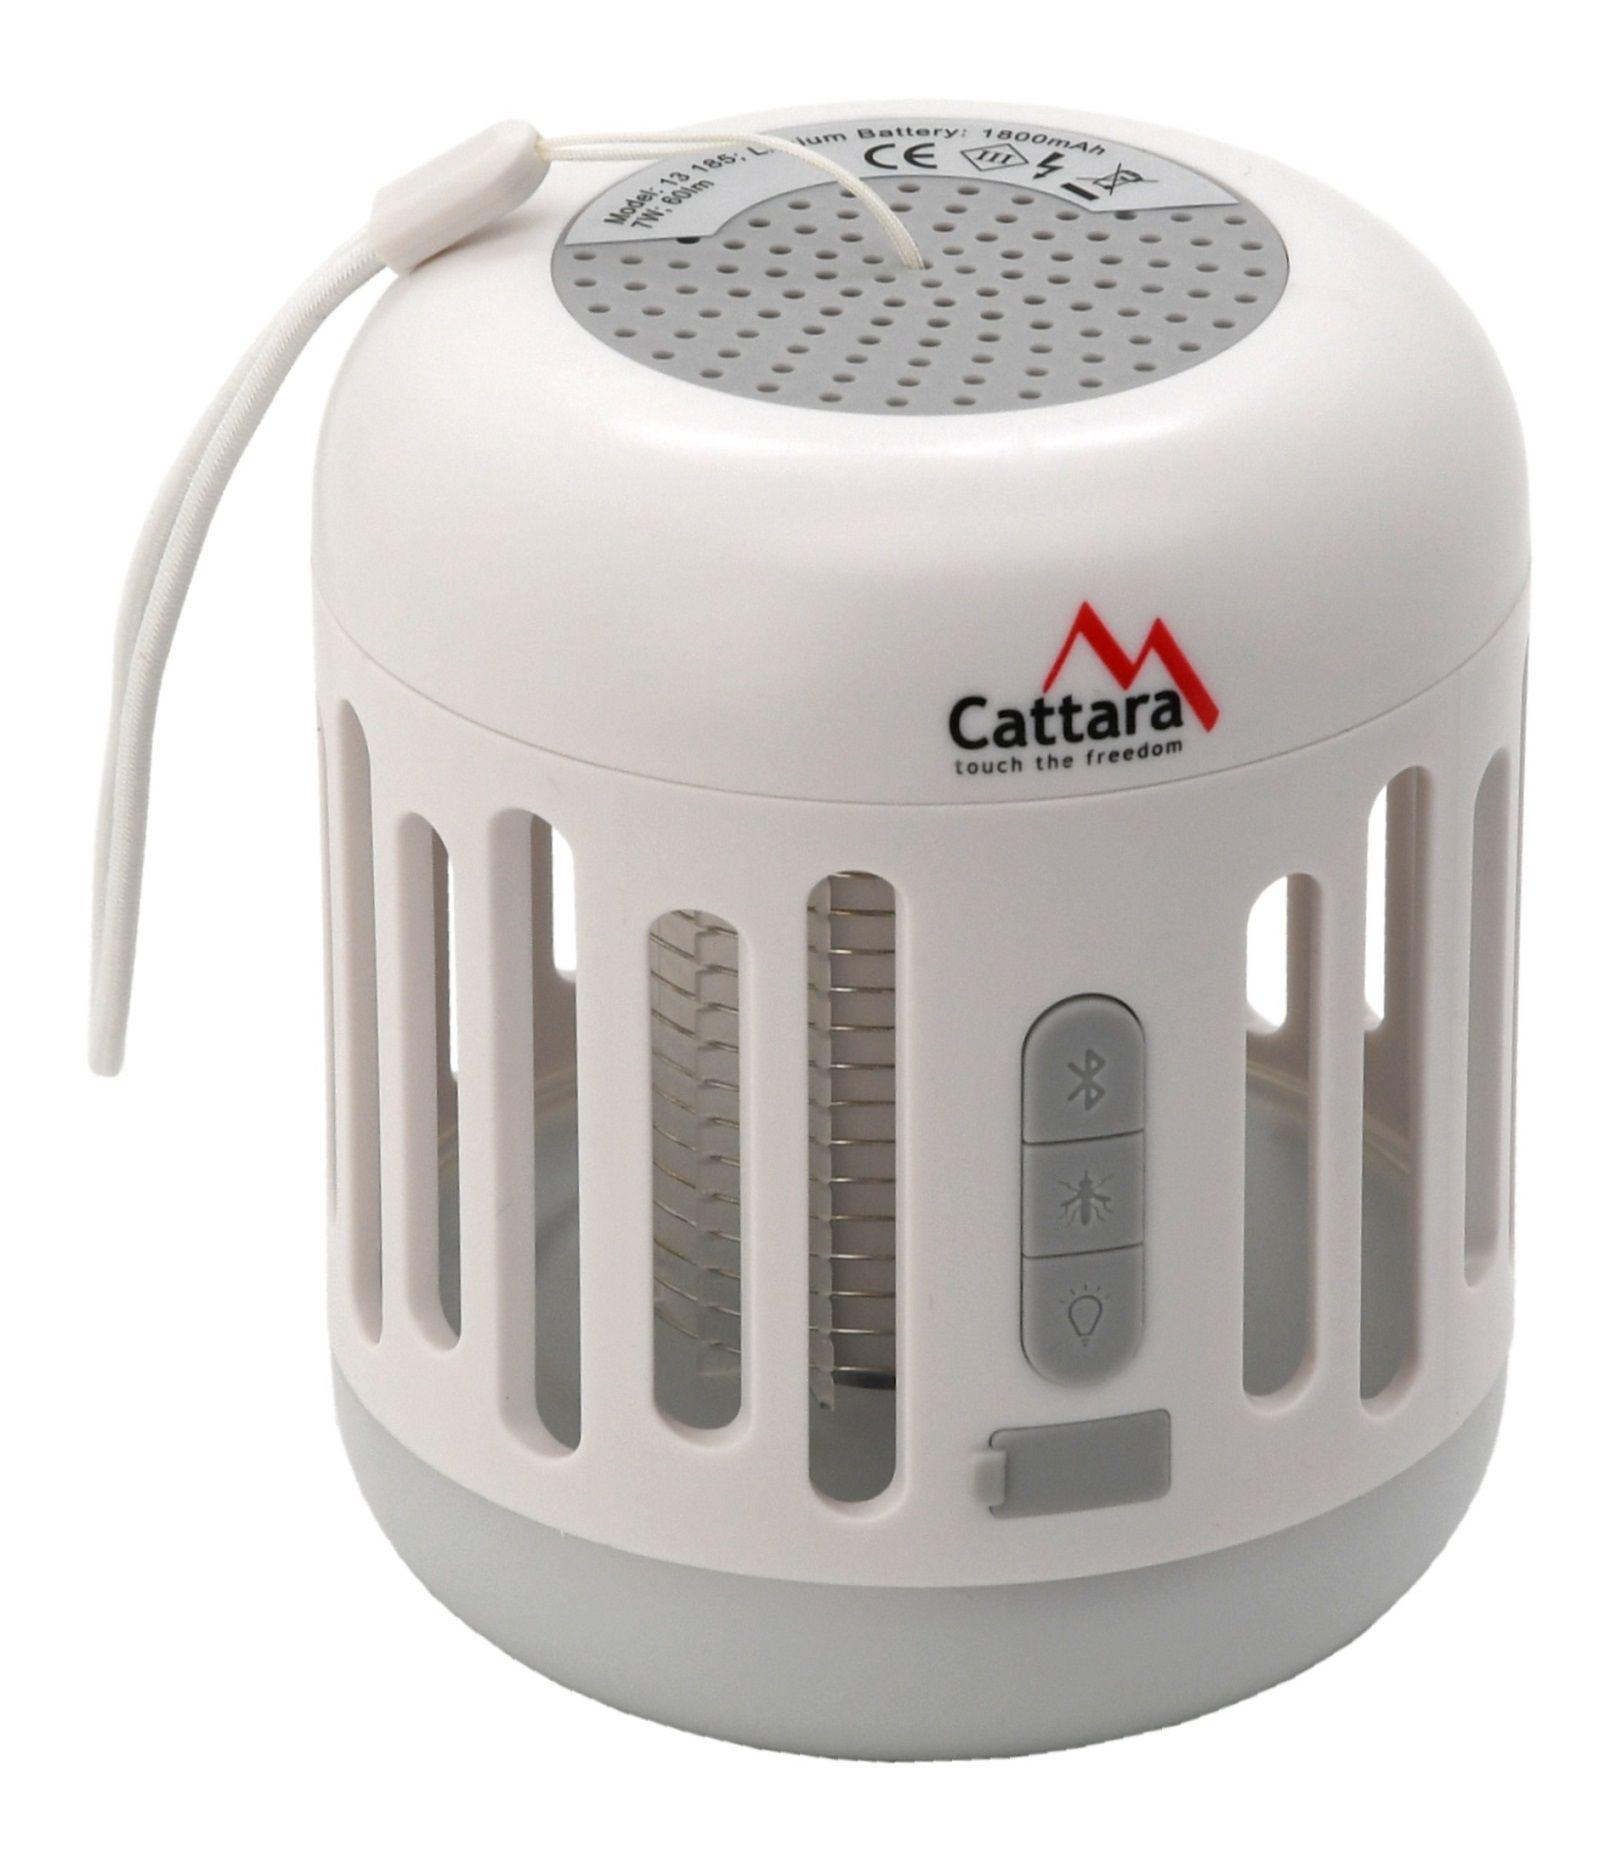 Svítilna MUSIC CAGE Bluetooth nabíjecí + UV lapač hmyzu CATTARA